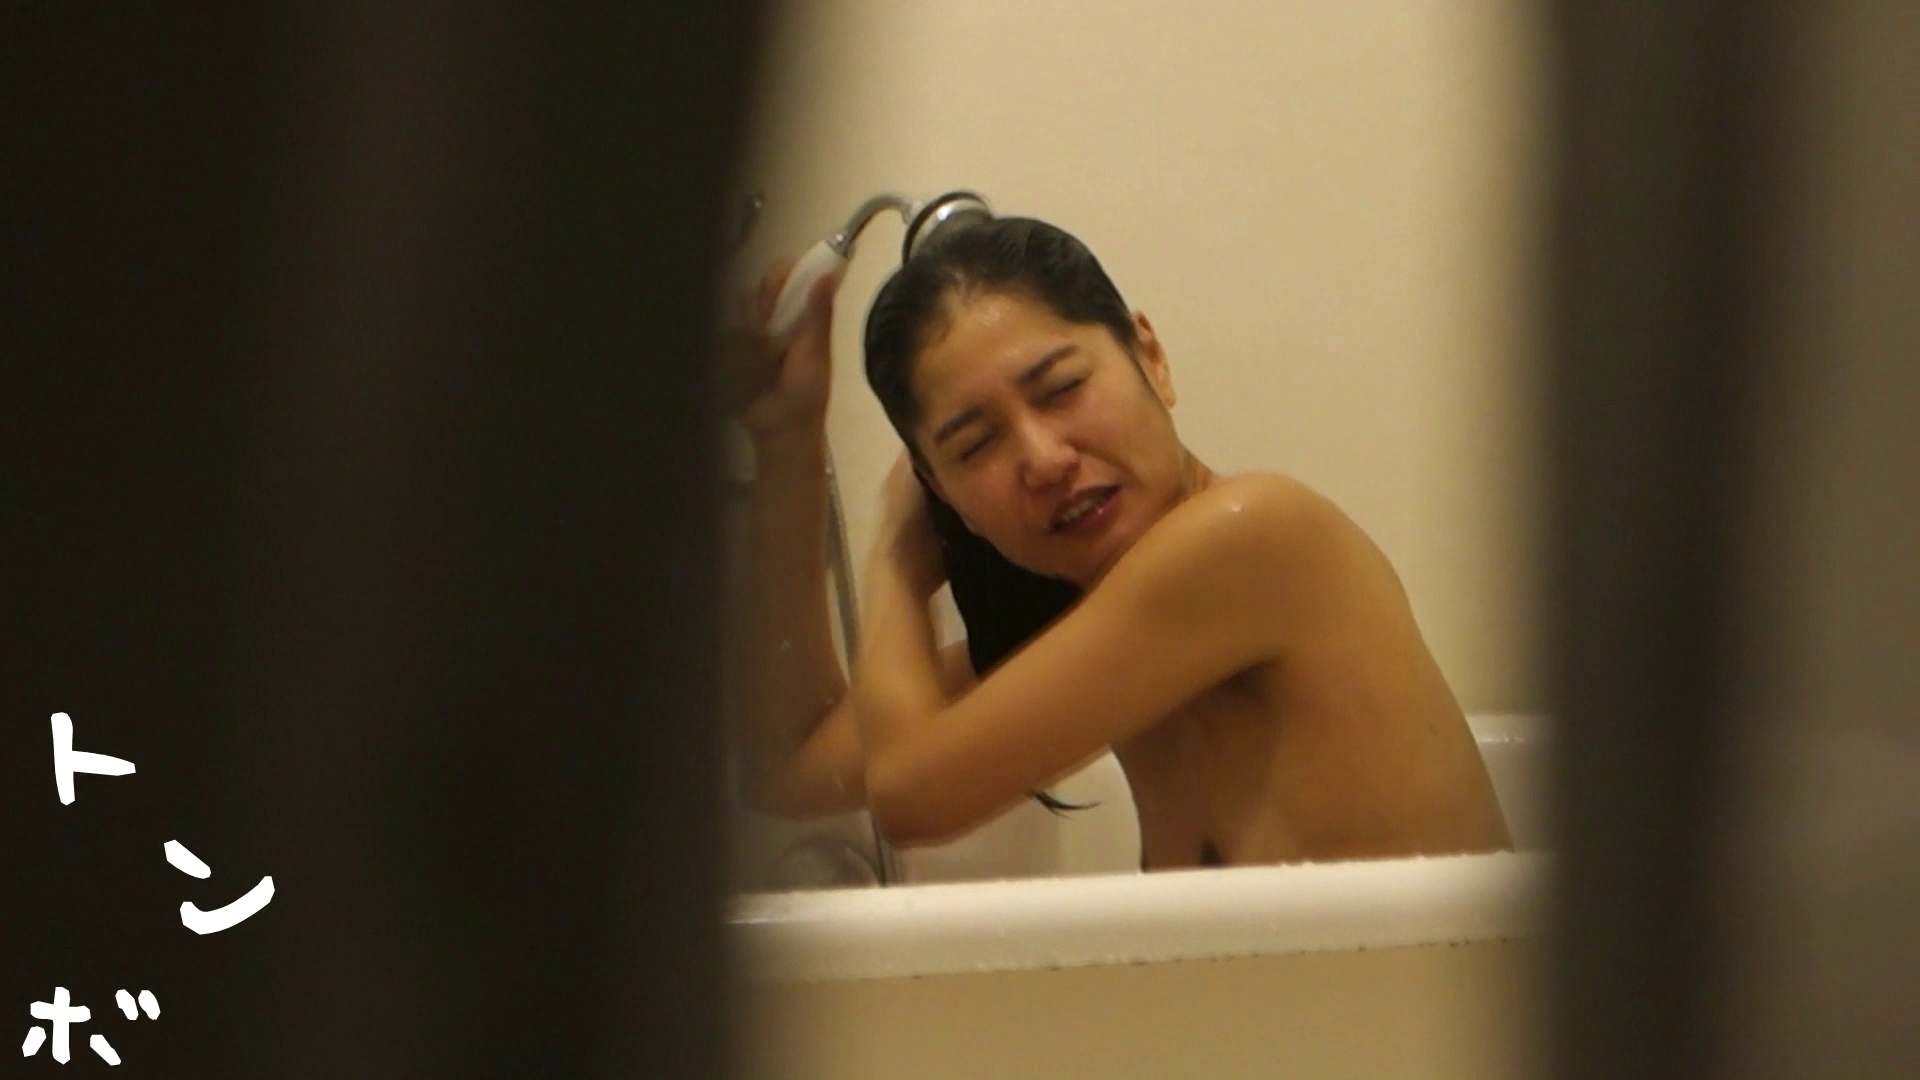 リアル盗撮 現役モデルのシャワーシーン2 美女 | シャワー  90pic 36